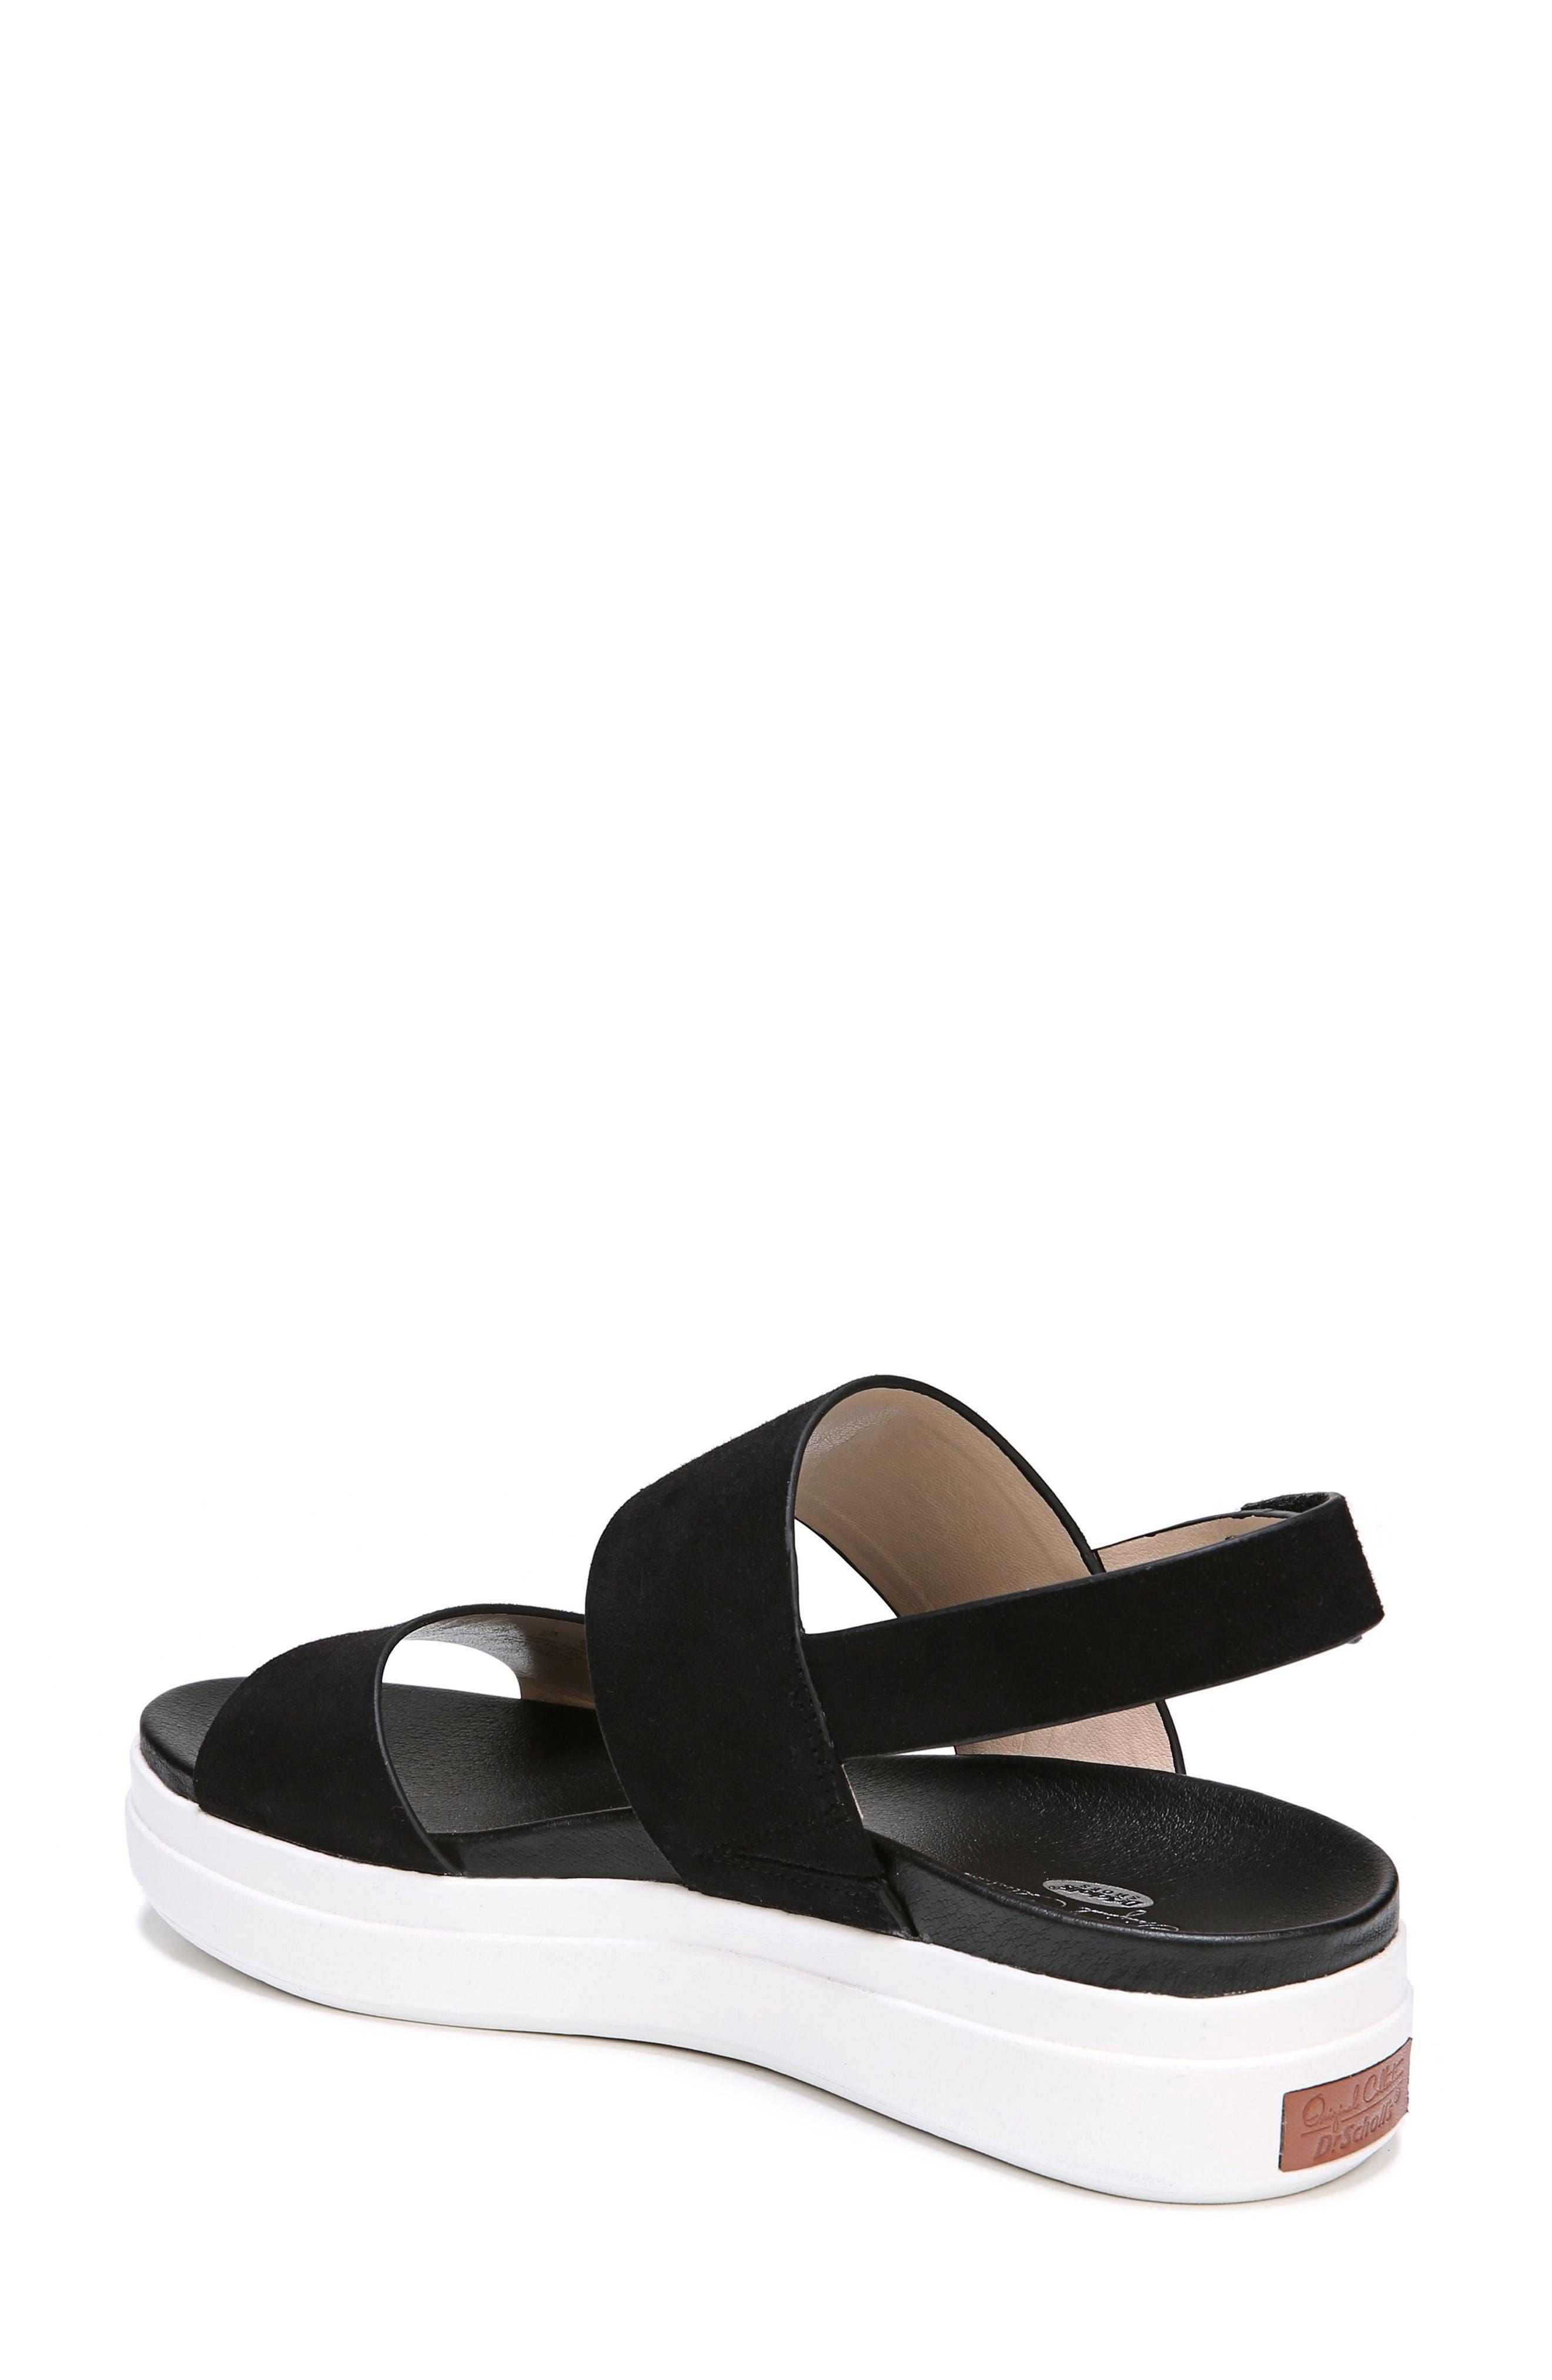 Scout Platform Sandal,                             Alternate thumbnail 2, color,                             BLACK SUEDE